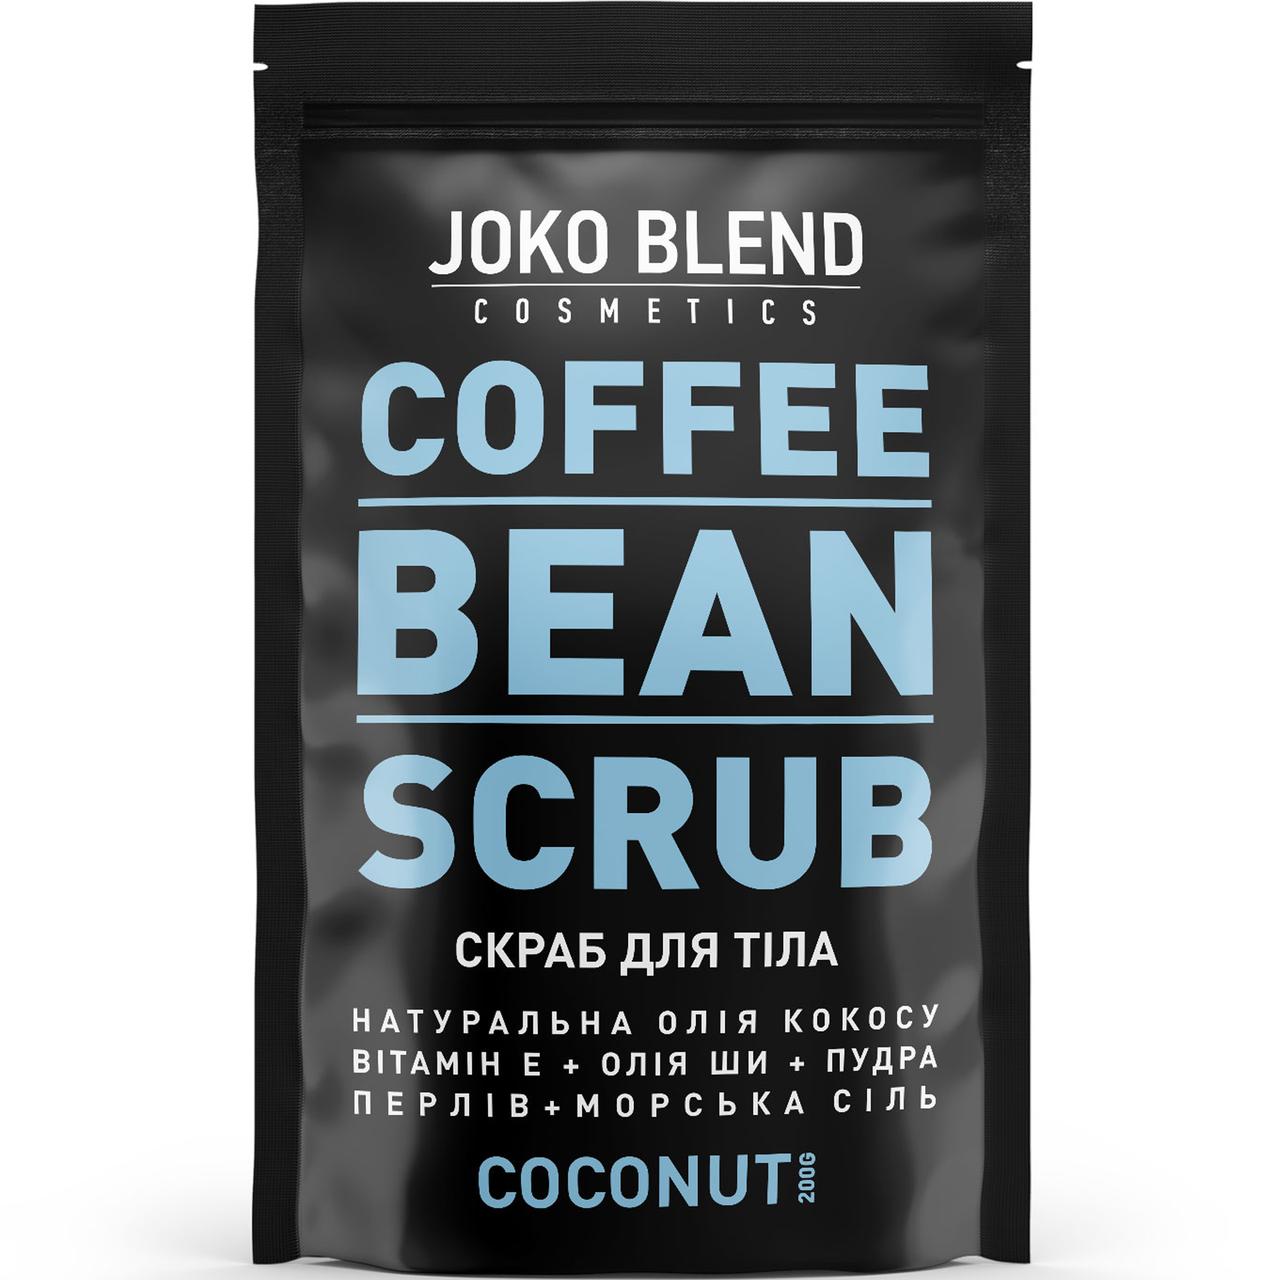 Кавовий скраб Joko Blend, 200 г Coconut